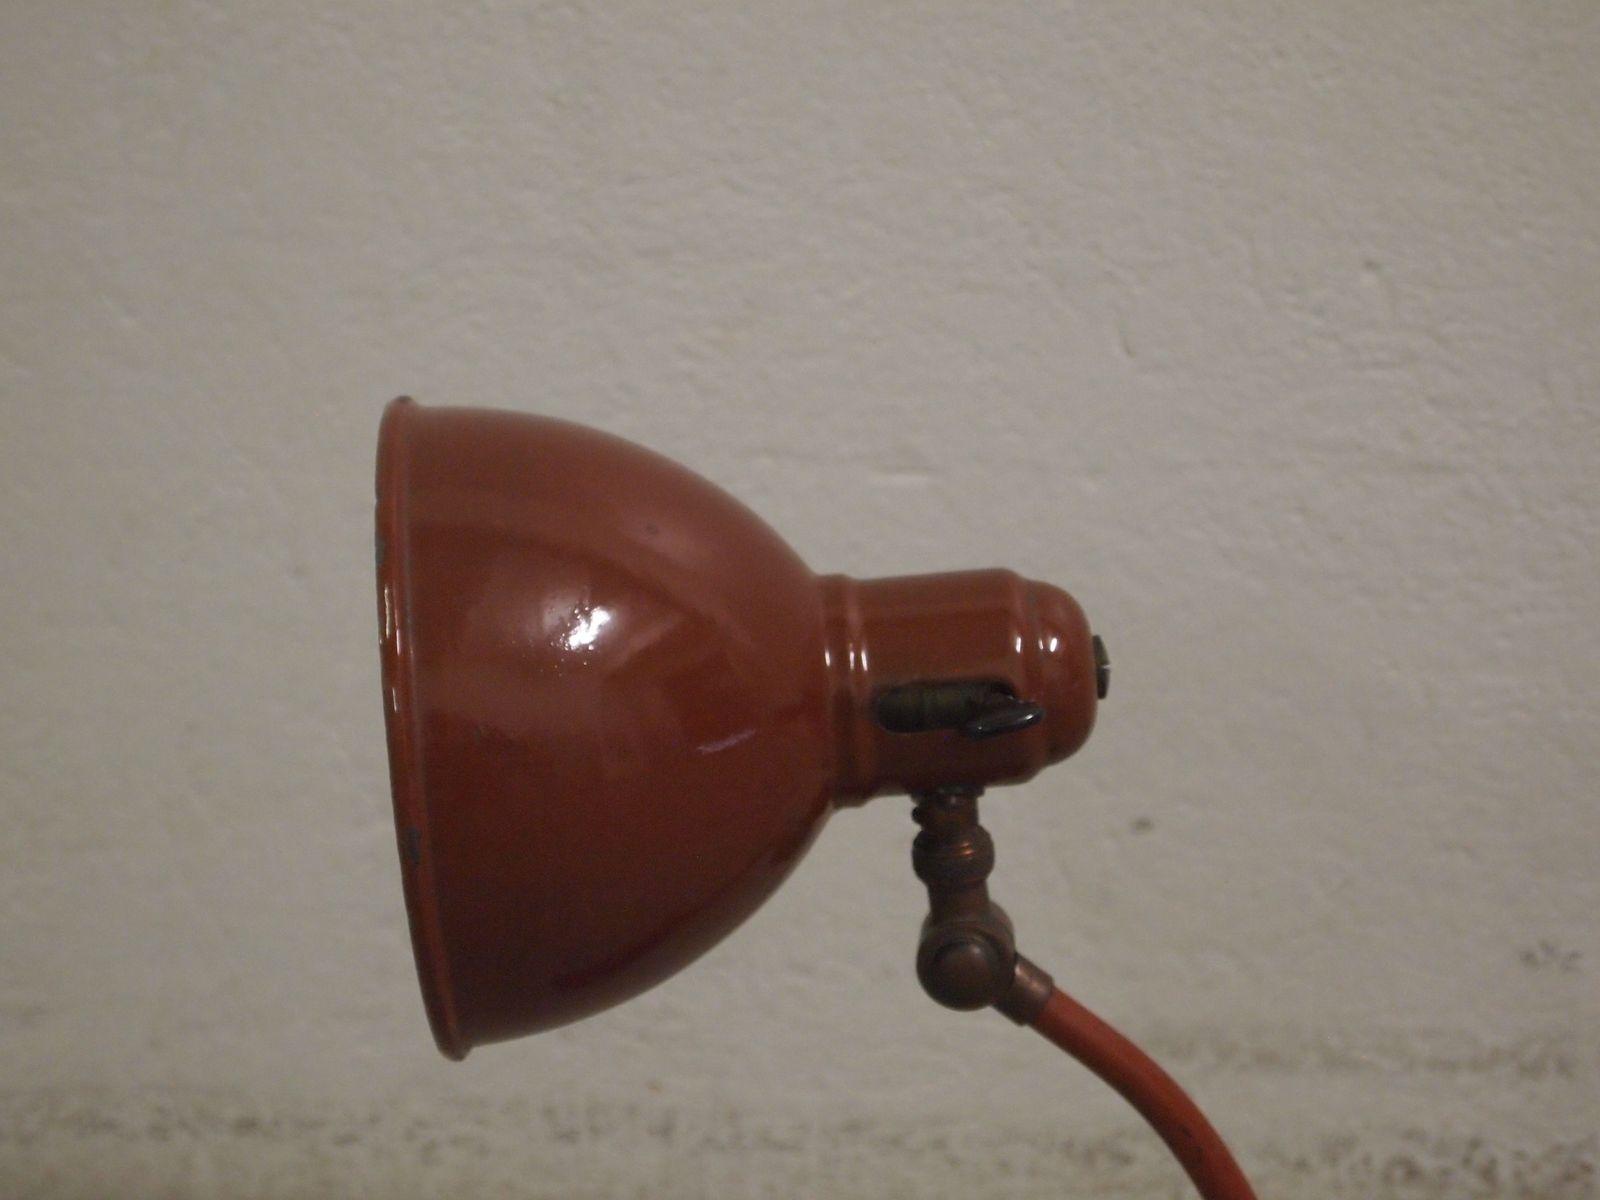 Lampe de bureau bordeaux par bag turgi 1930s en vente sur pamono - Bureau virtuel bordeaux 3 ...